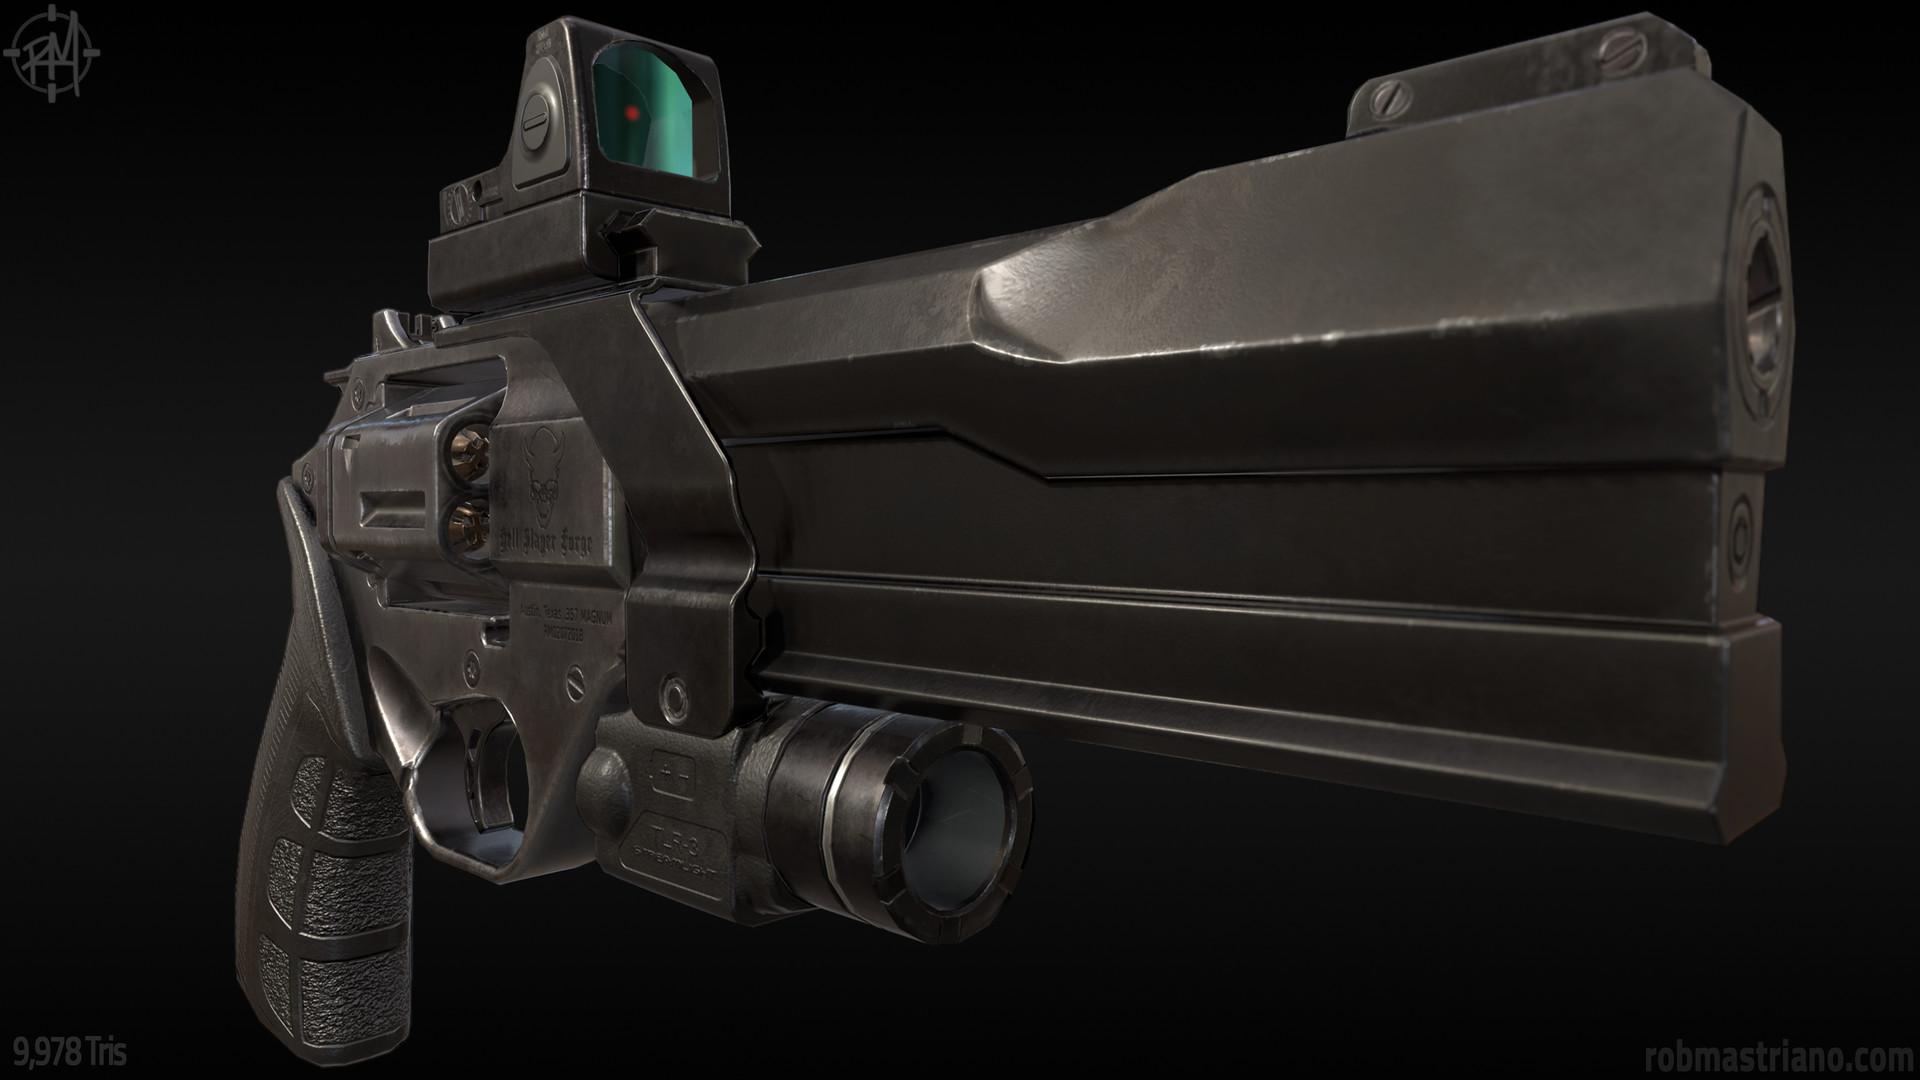 Rob mastriano revolver2